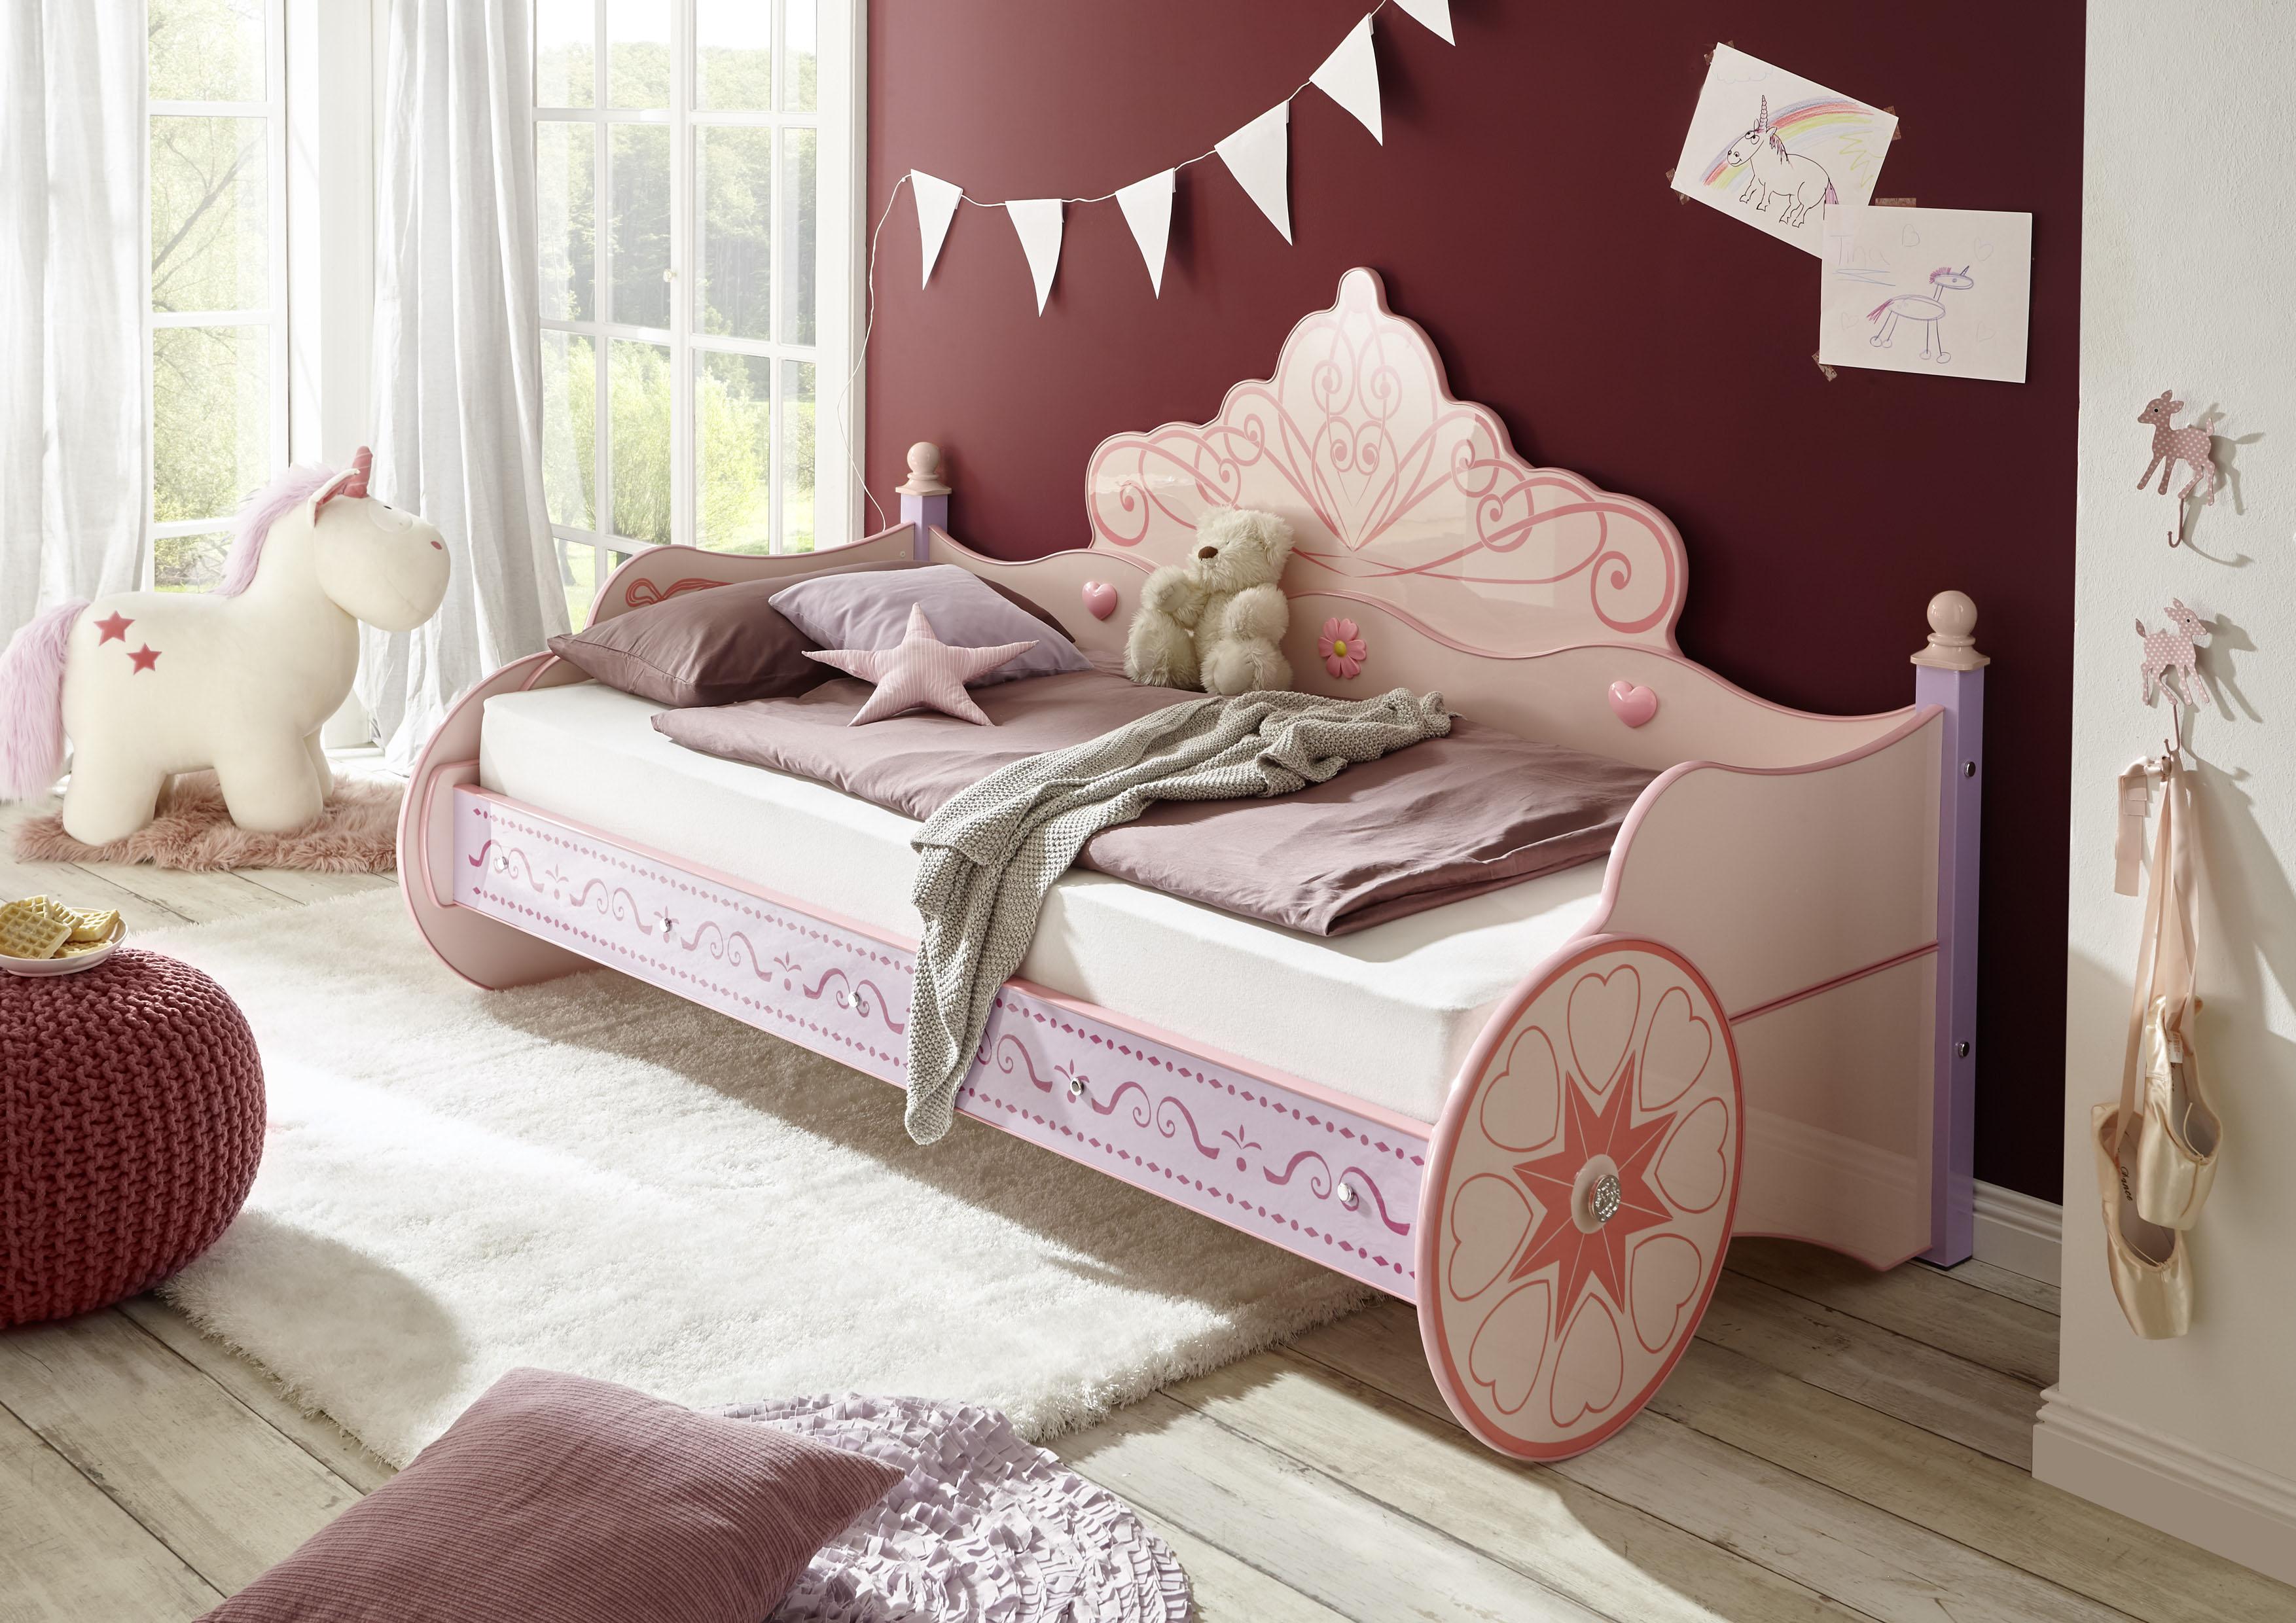 Begabino Kinderbett, für kleine Prinzessinnen rosa Kinder Kinderbett Kinderbetten Kindermöbel